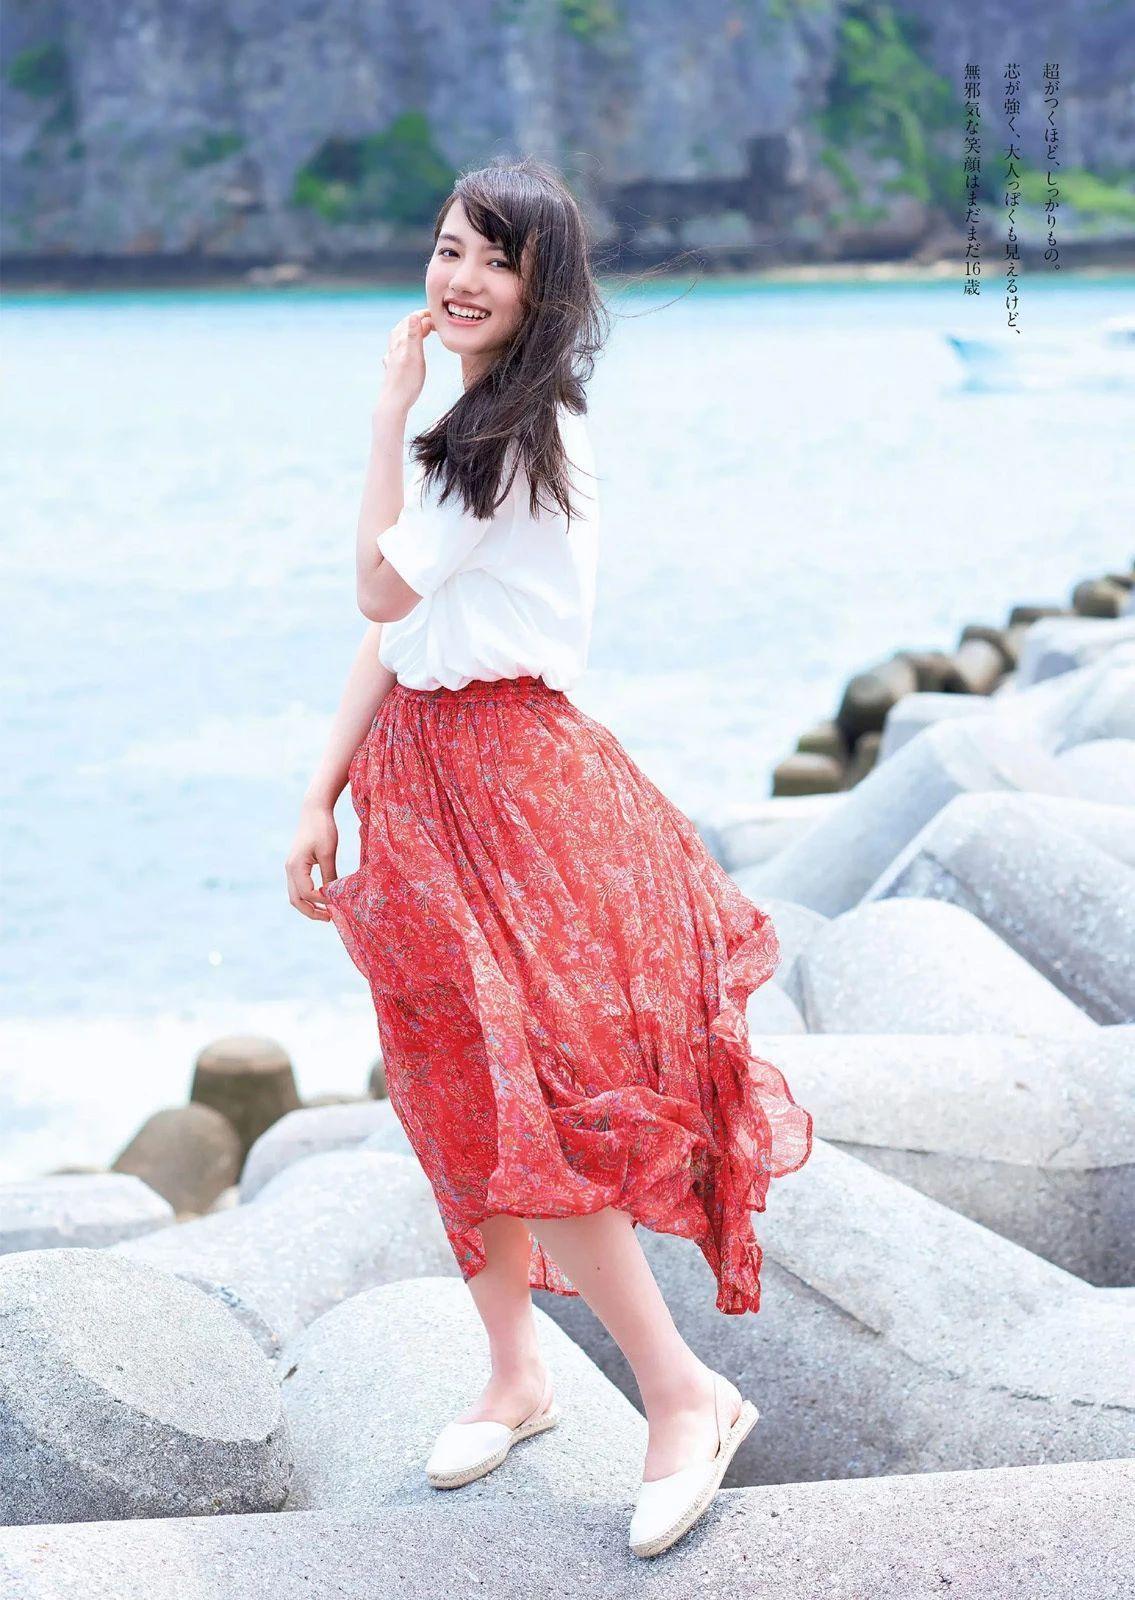 唇红齿白甜美微笑的清原果耶写真作品 (21)